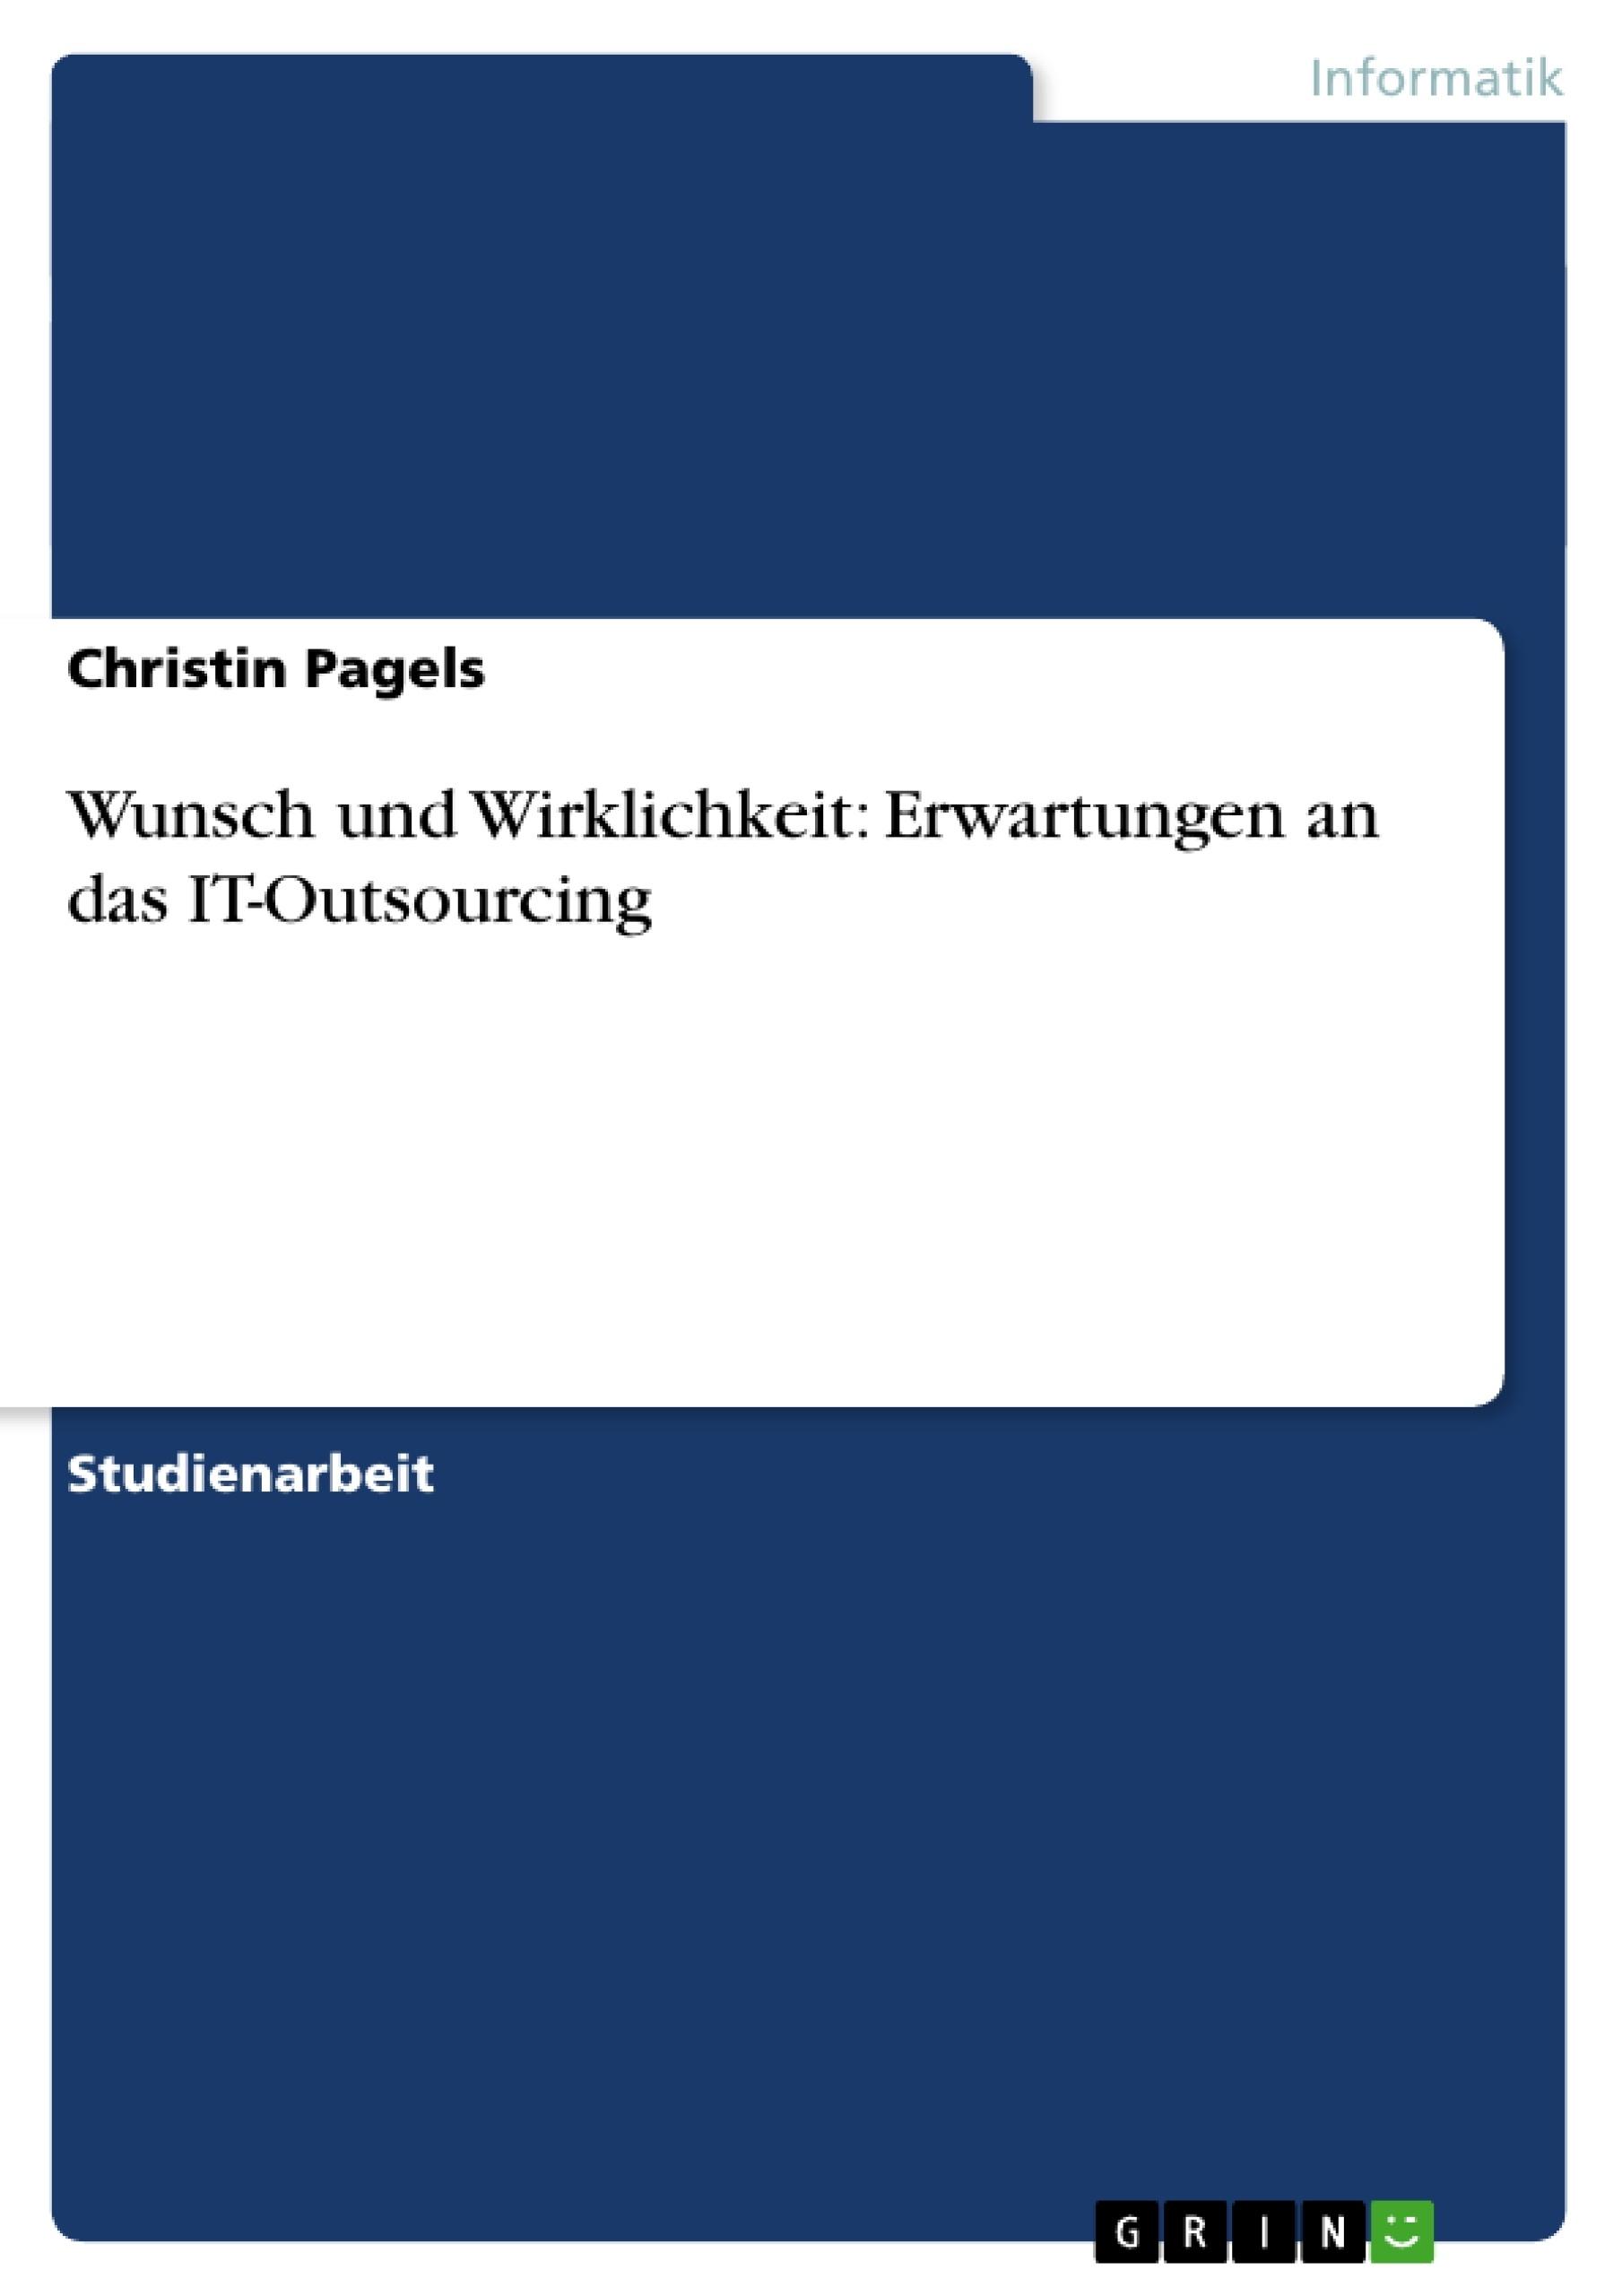 Titel: Wunsch und Wirklichkeit: Erwartungen an das IT-Outsourcing